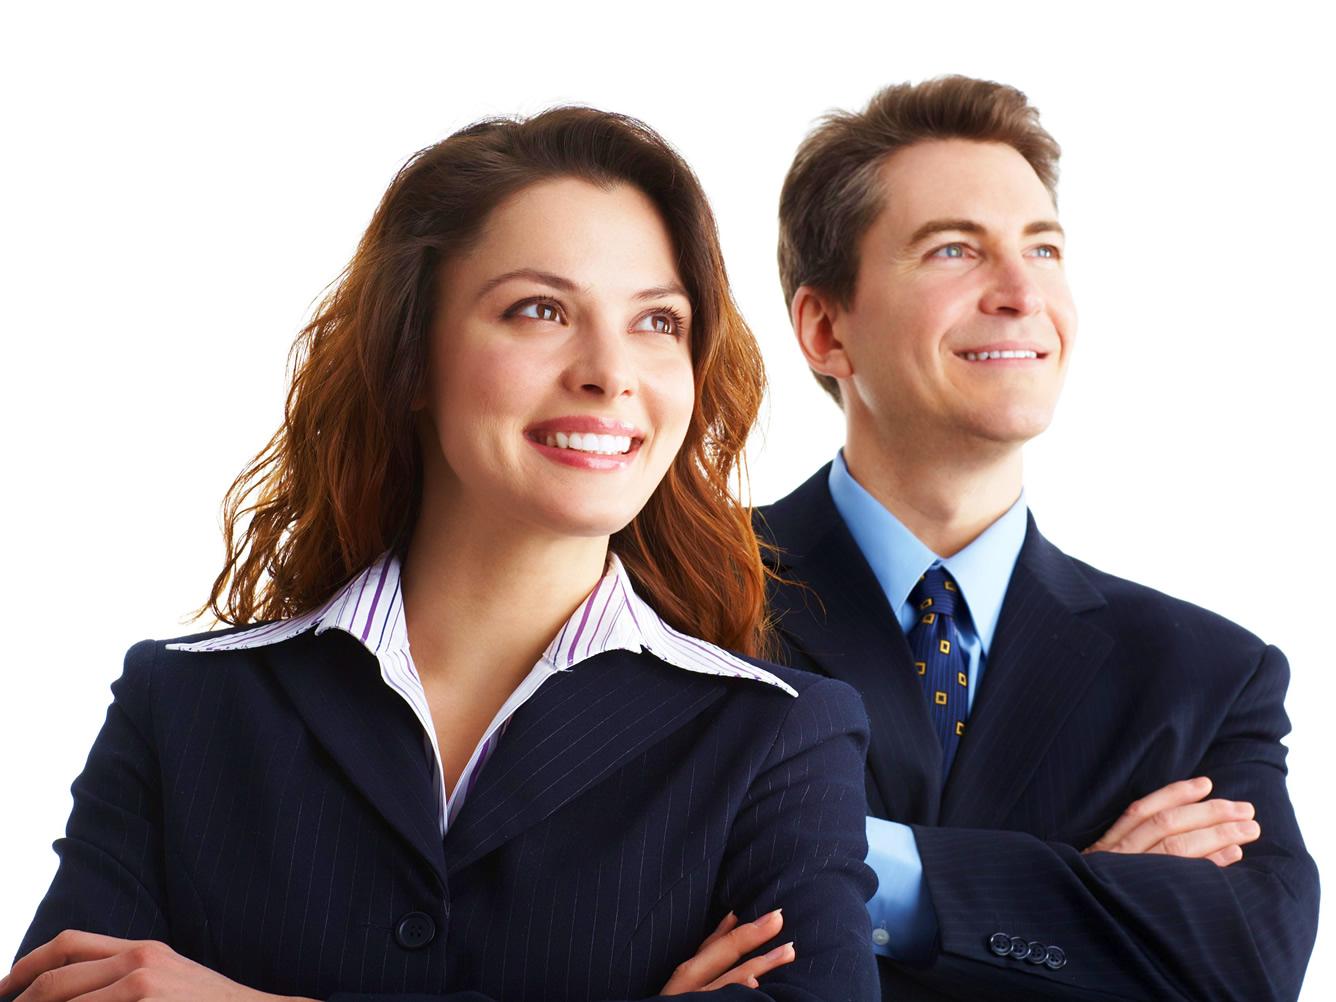 Corretor de imóveis não pode ser microempreendedor individual (MEI)